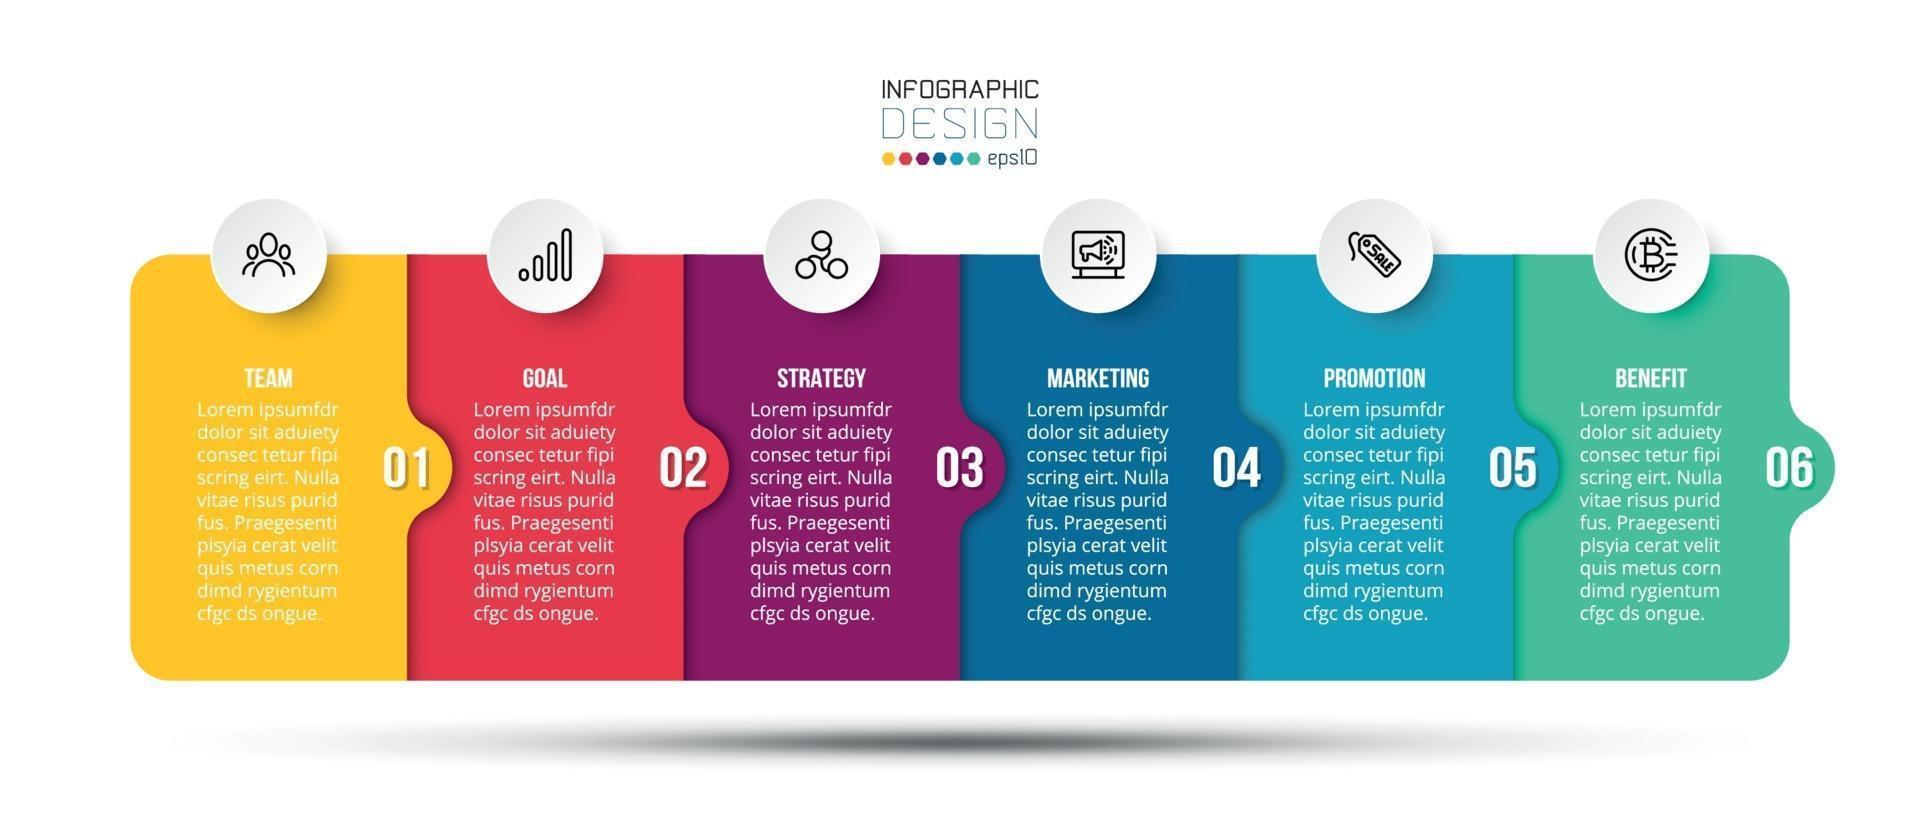 infográfico modelo de negócio com etapa ou opção de design. vetor